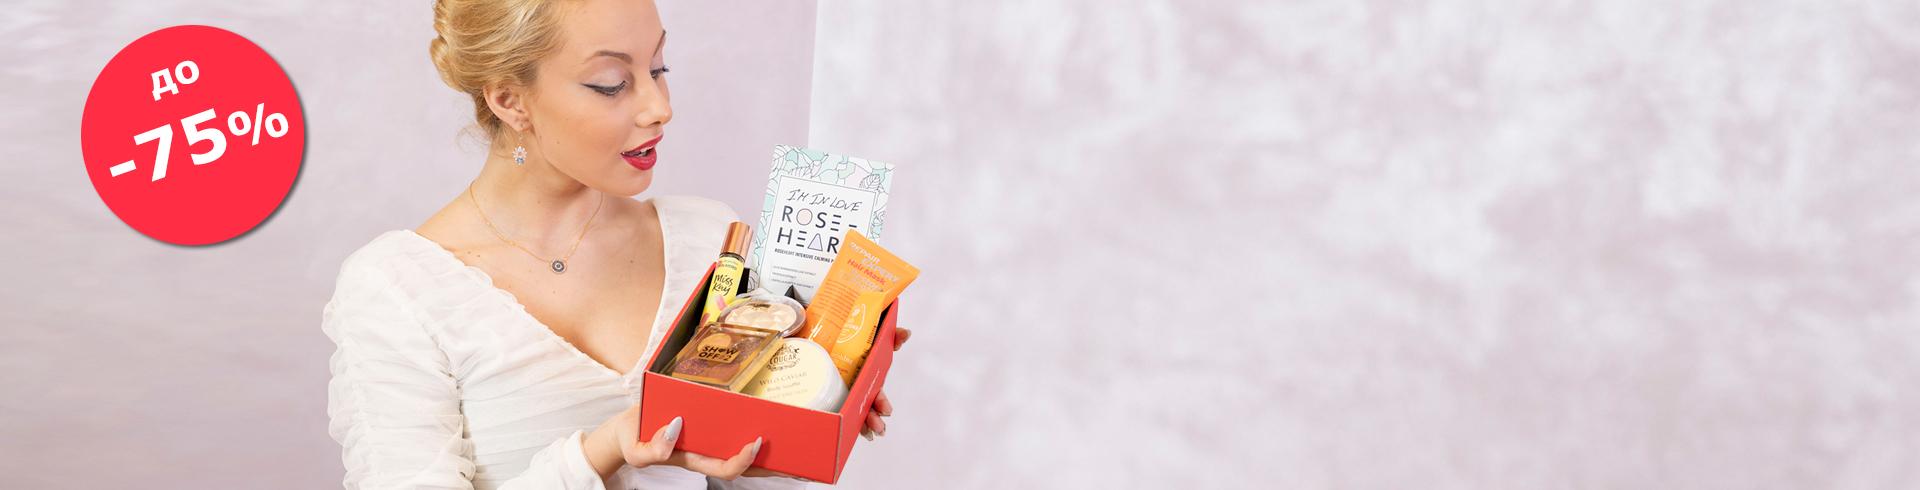 Първата и единствена <br/> козметична кутия